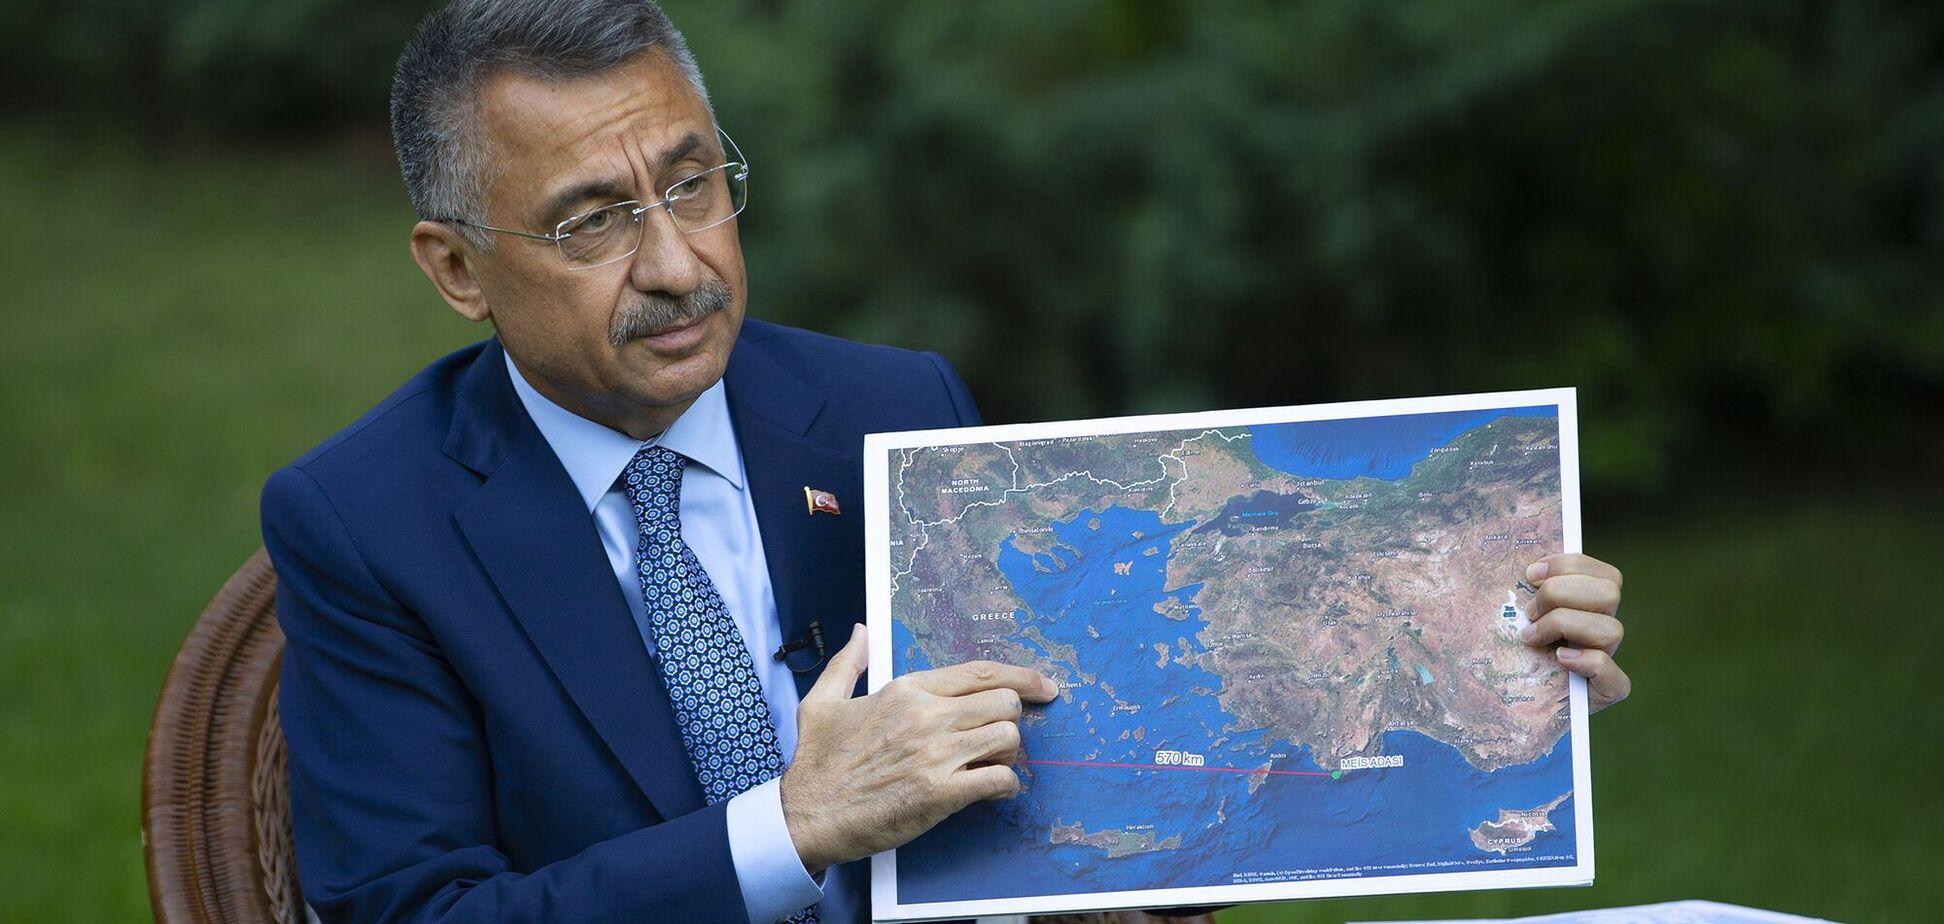 Віце-президент Туреччини заявив про спроби Греції розширити територіальні води